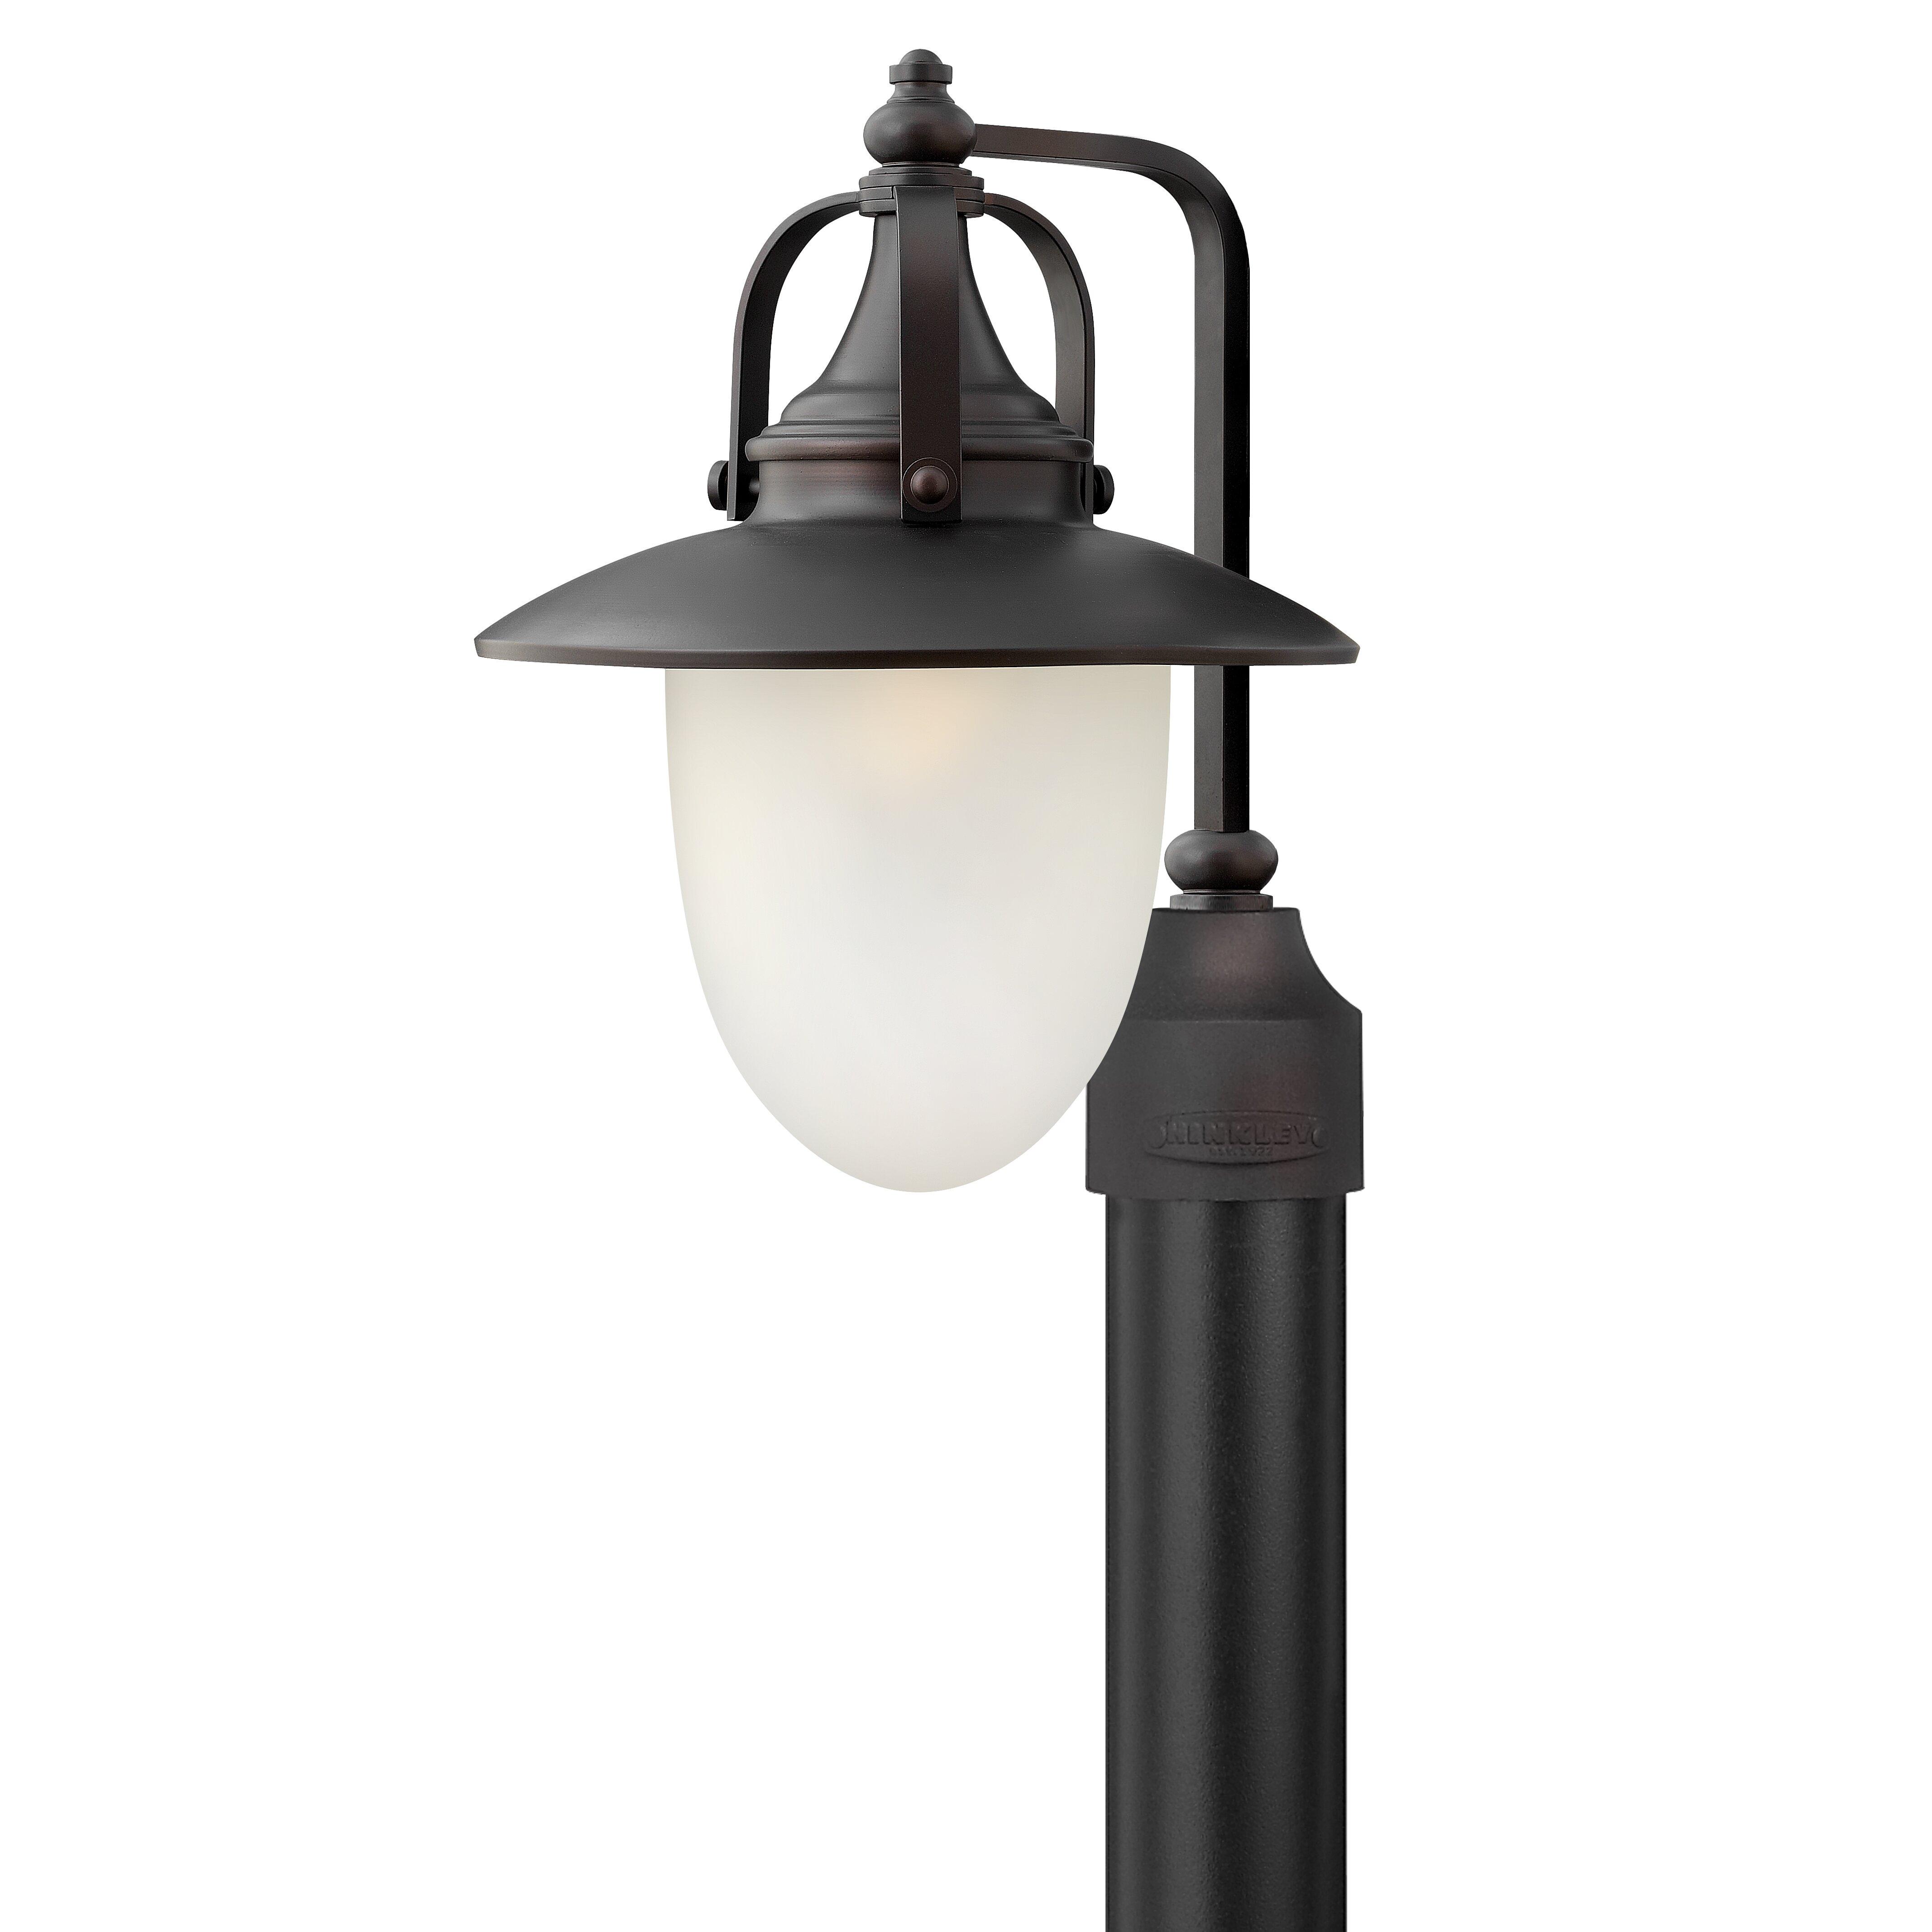 Pembrook 1 Light Outdoor Post Light